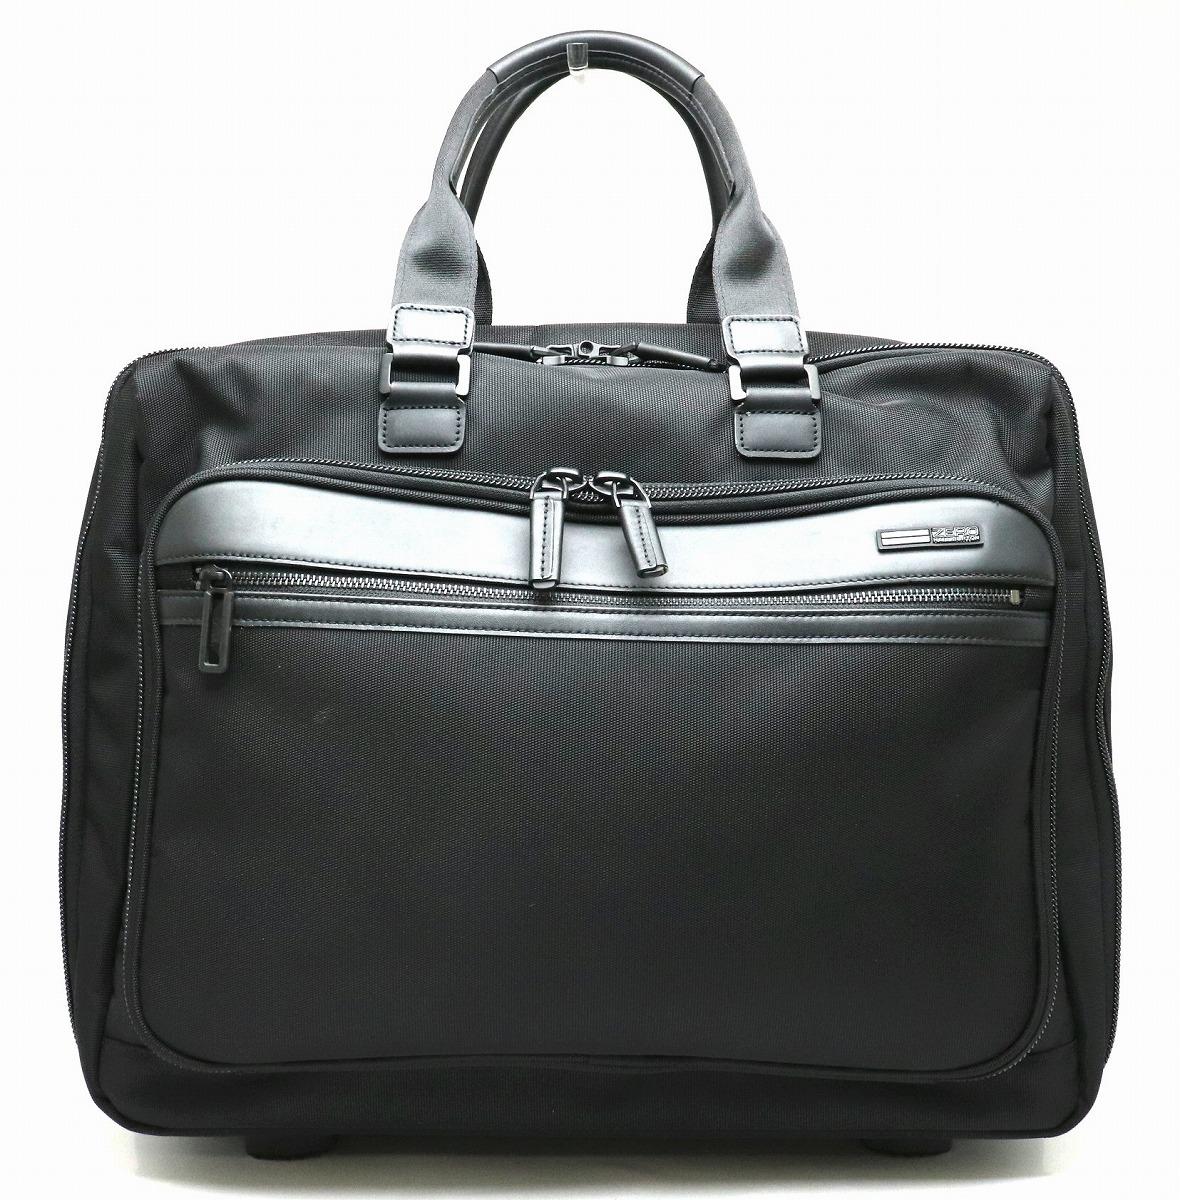 【バッグ】ZERO HALLIBURTON ゼロハリバートン キャリーバッグ スーツケース ナイロン ブラック 黒 【中古】